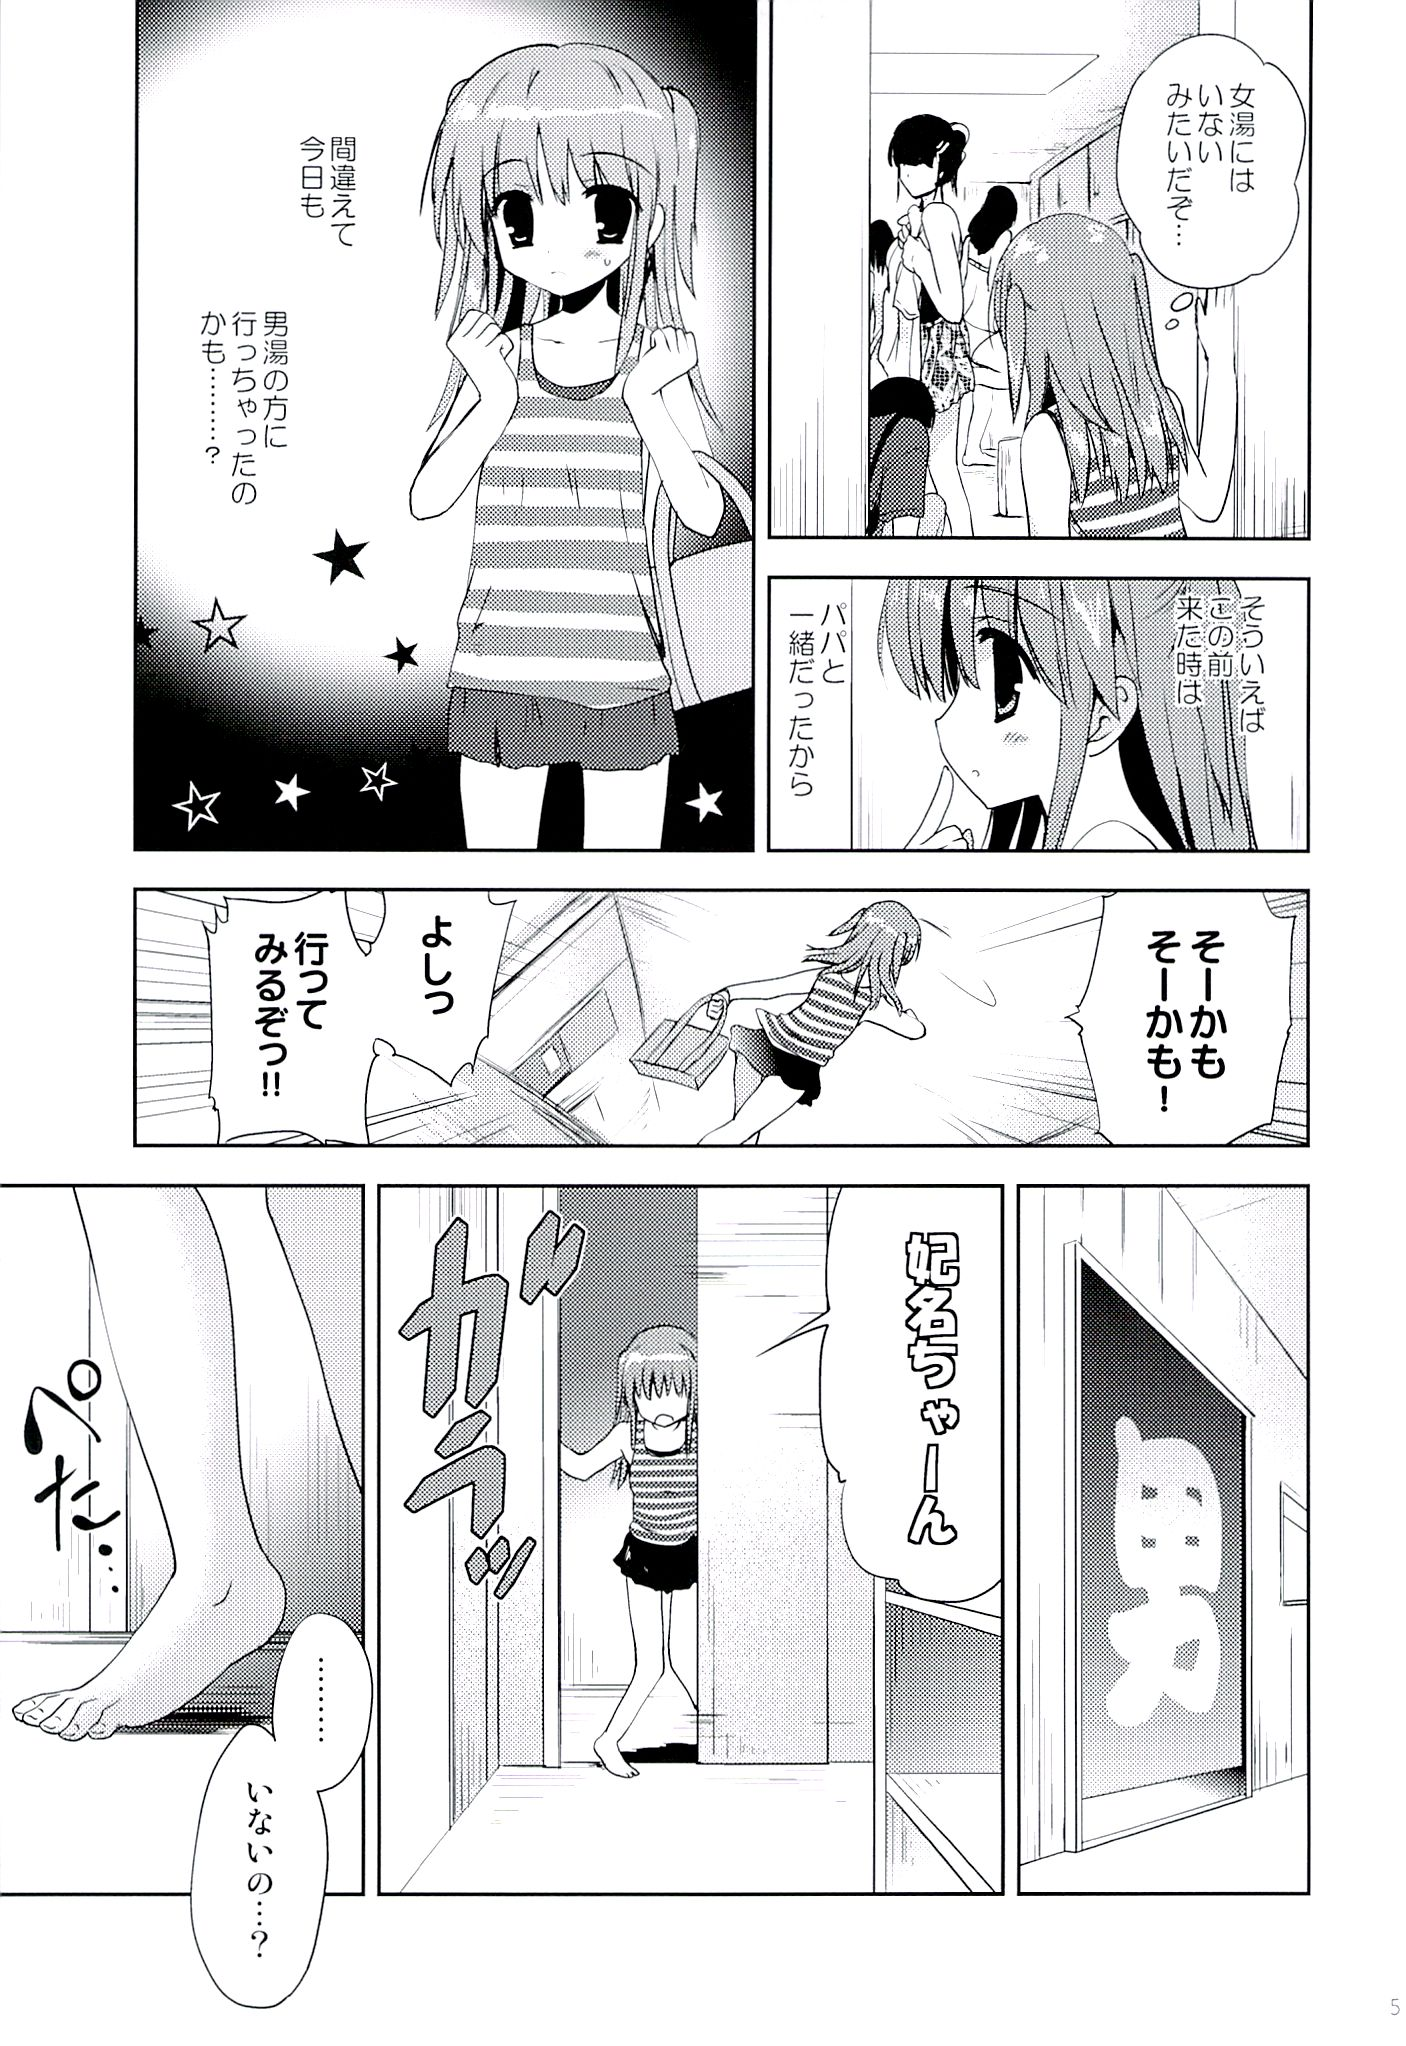 ひなちゃんとおふろやさん (4)